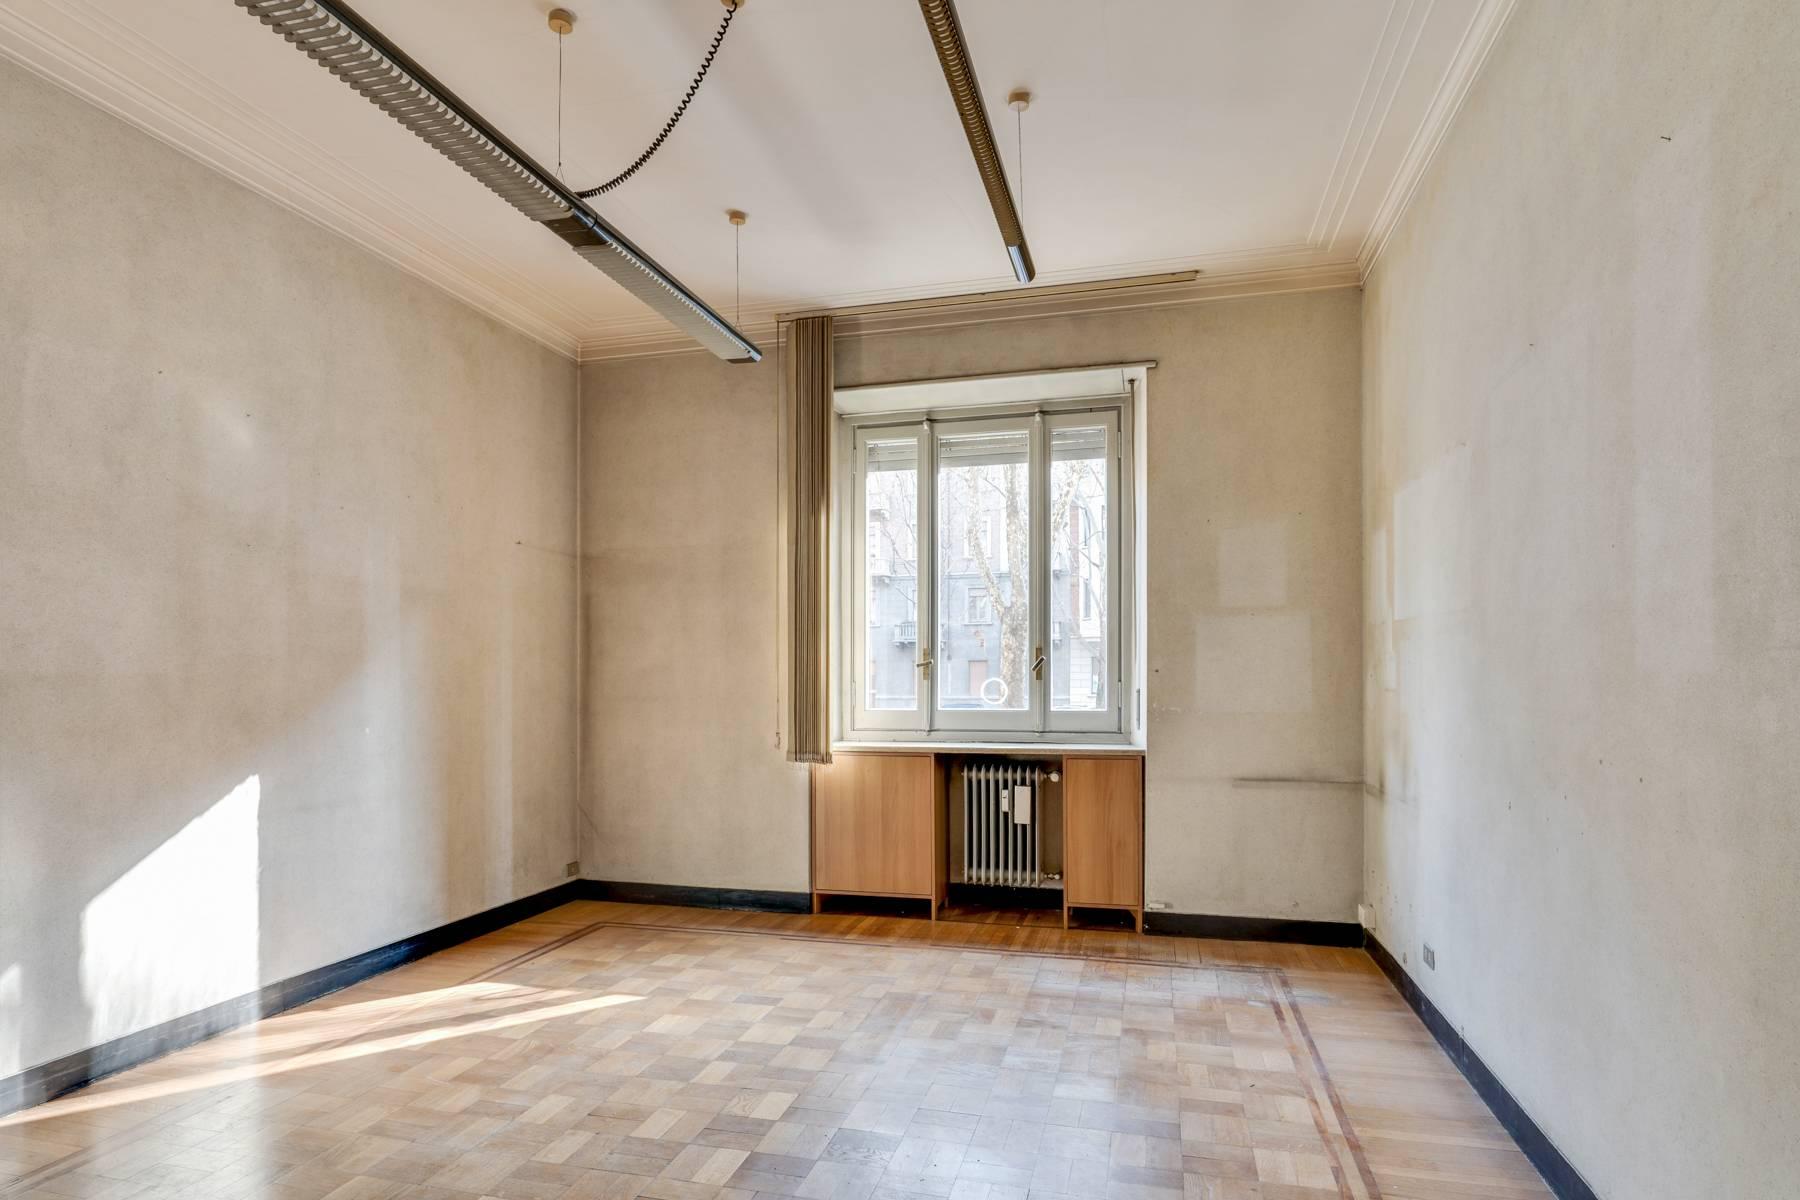 Ufficio-studio in Vendita a Torino: 3 locali, 140 mq - Foto 3